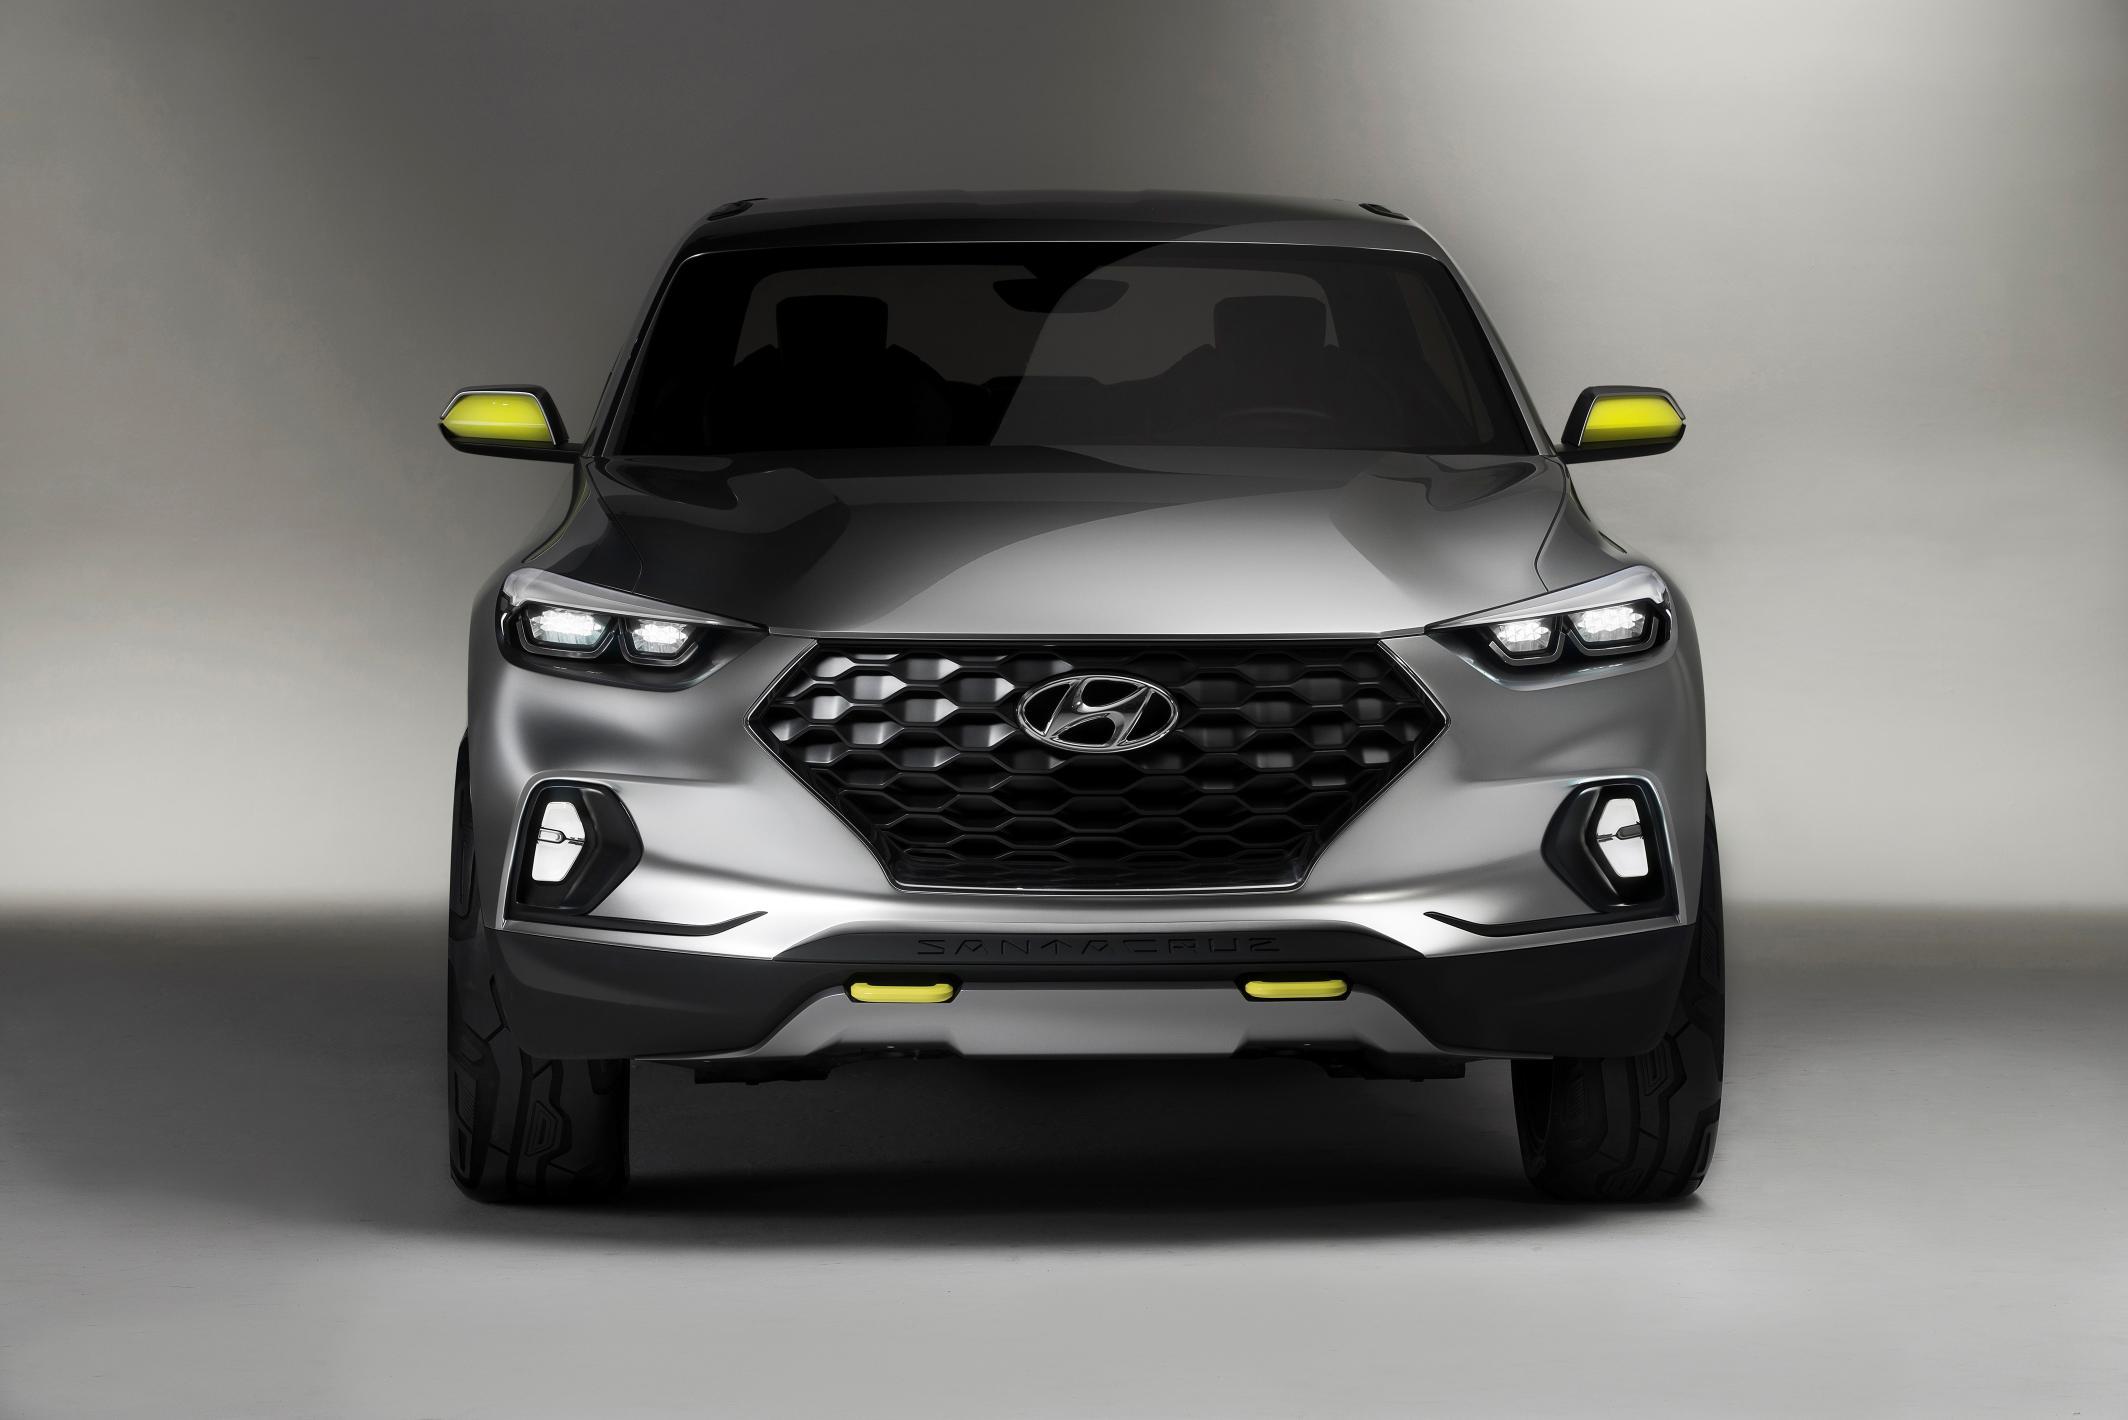 2020 Hyundai Mid Size Pickup Tt V6 Version To Take On 2019 Ford